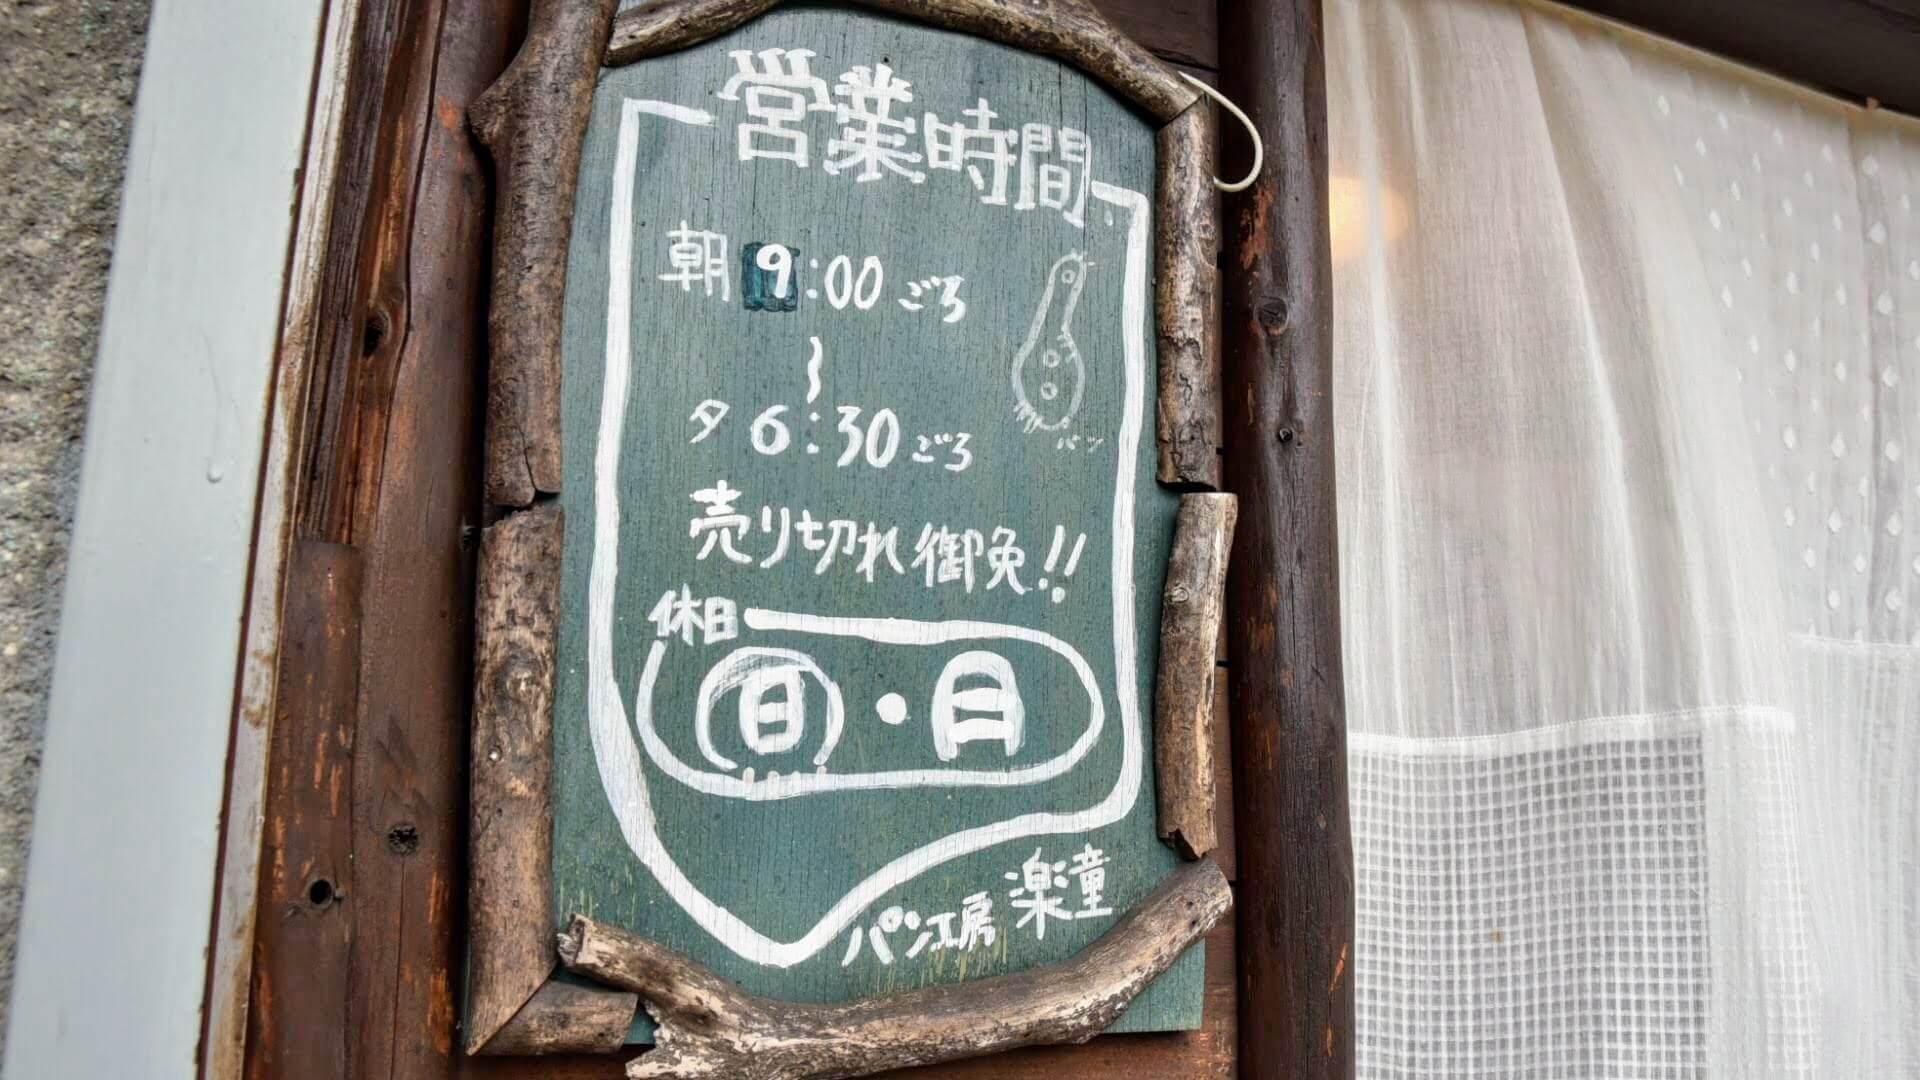 『自家製培養天然酵母パン 楽童(がくどう)』の店舗情報